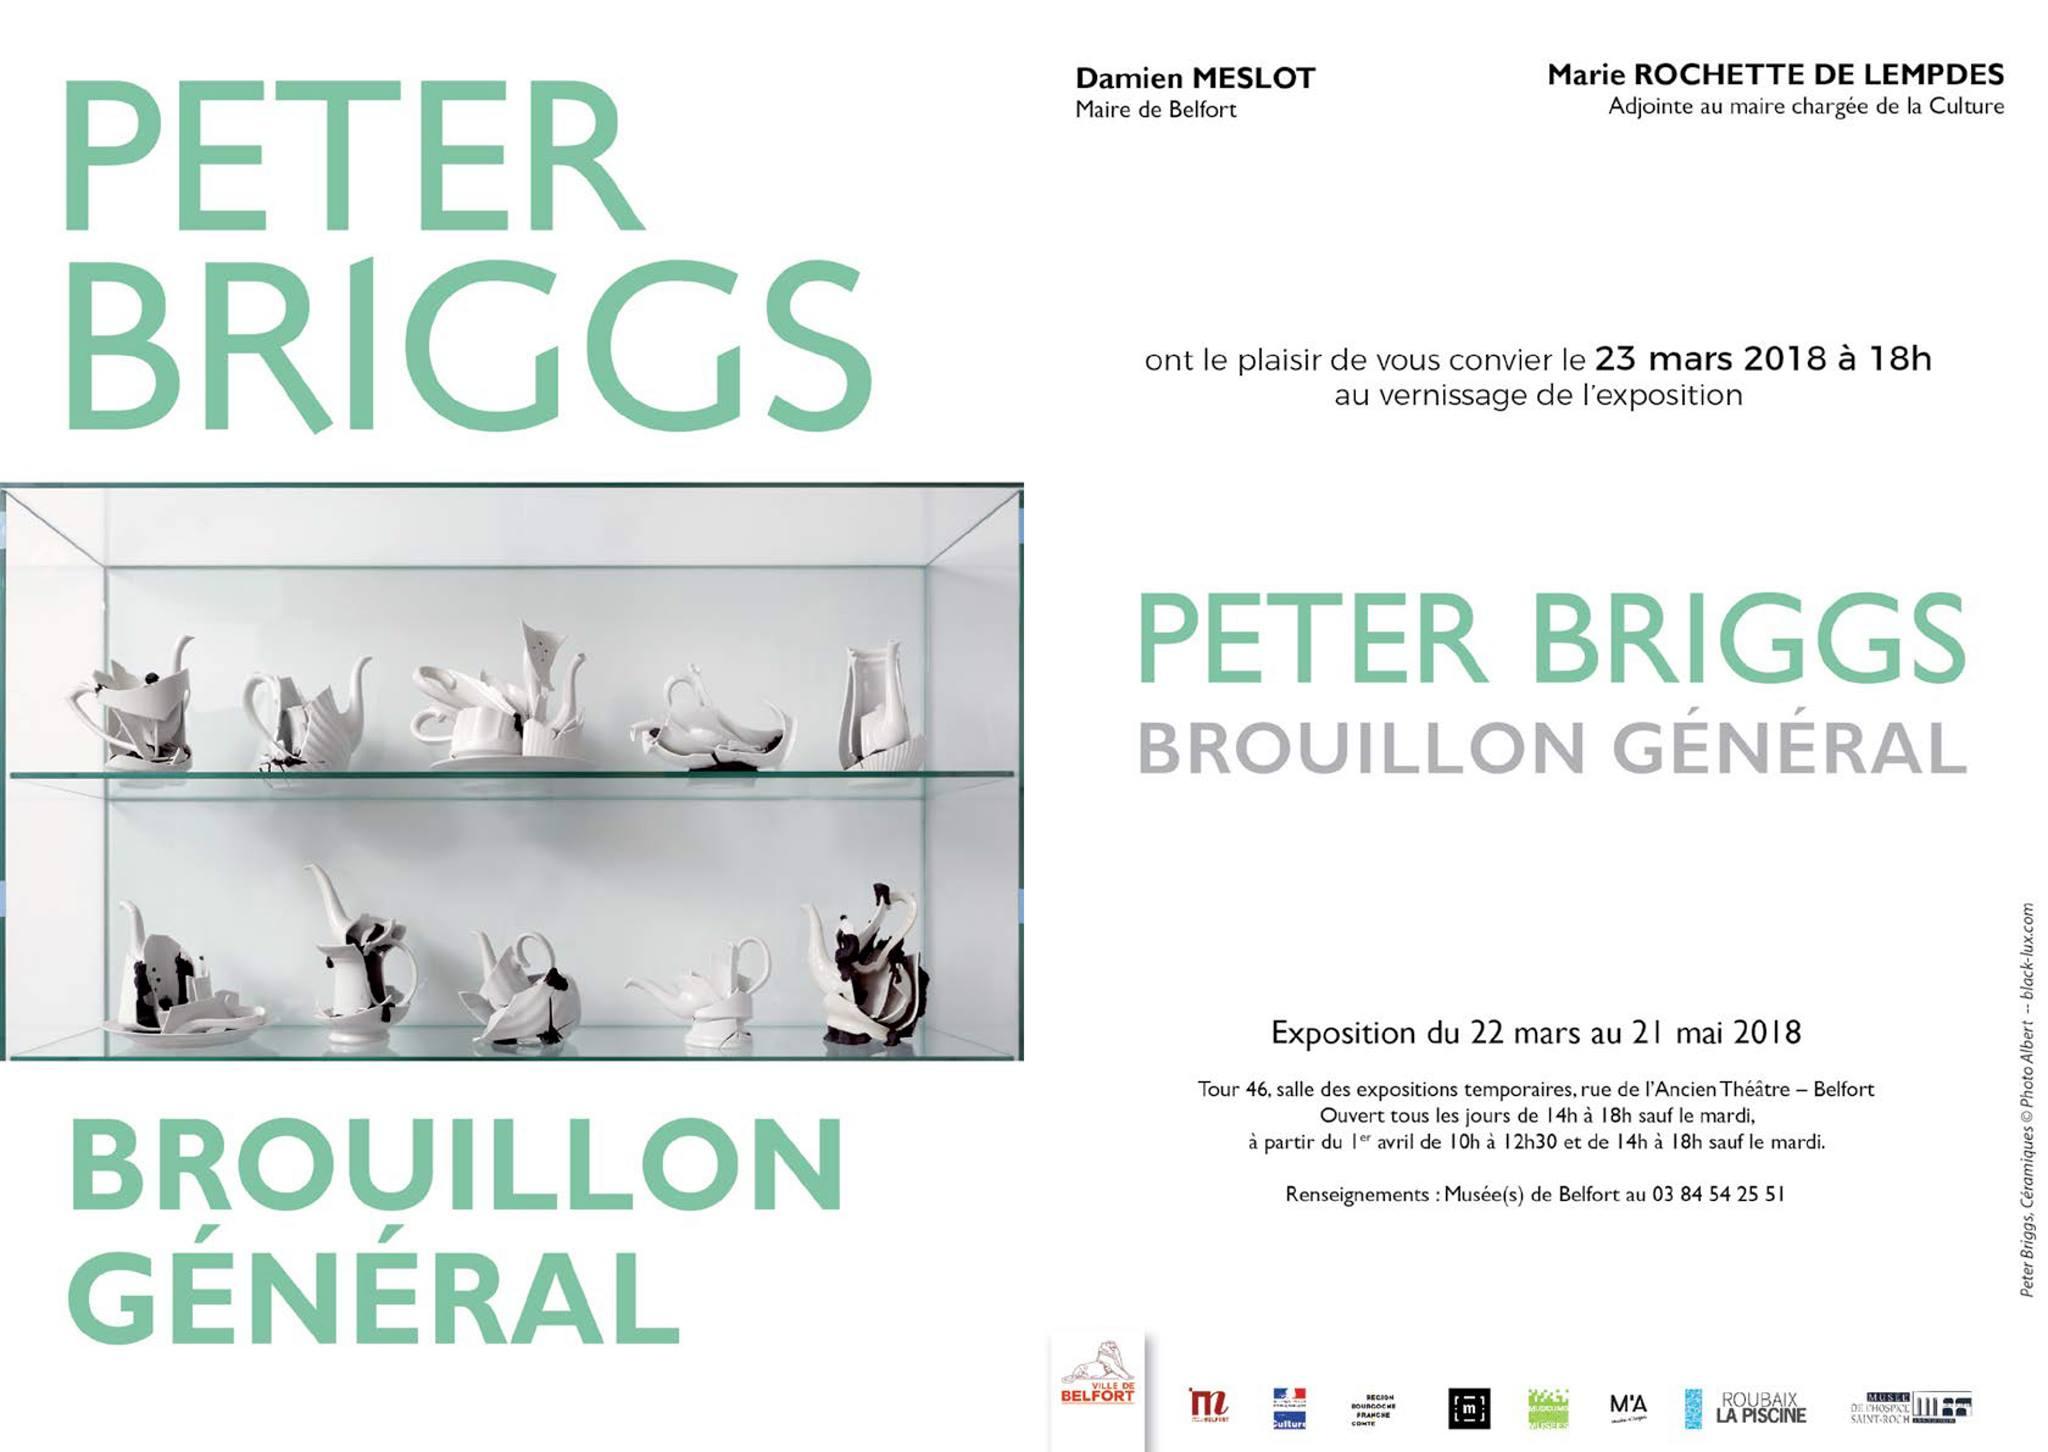 Carton d'invitation de l'exposition Peter Briggs à Belfort